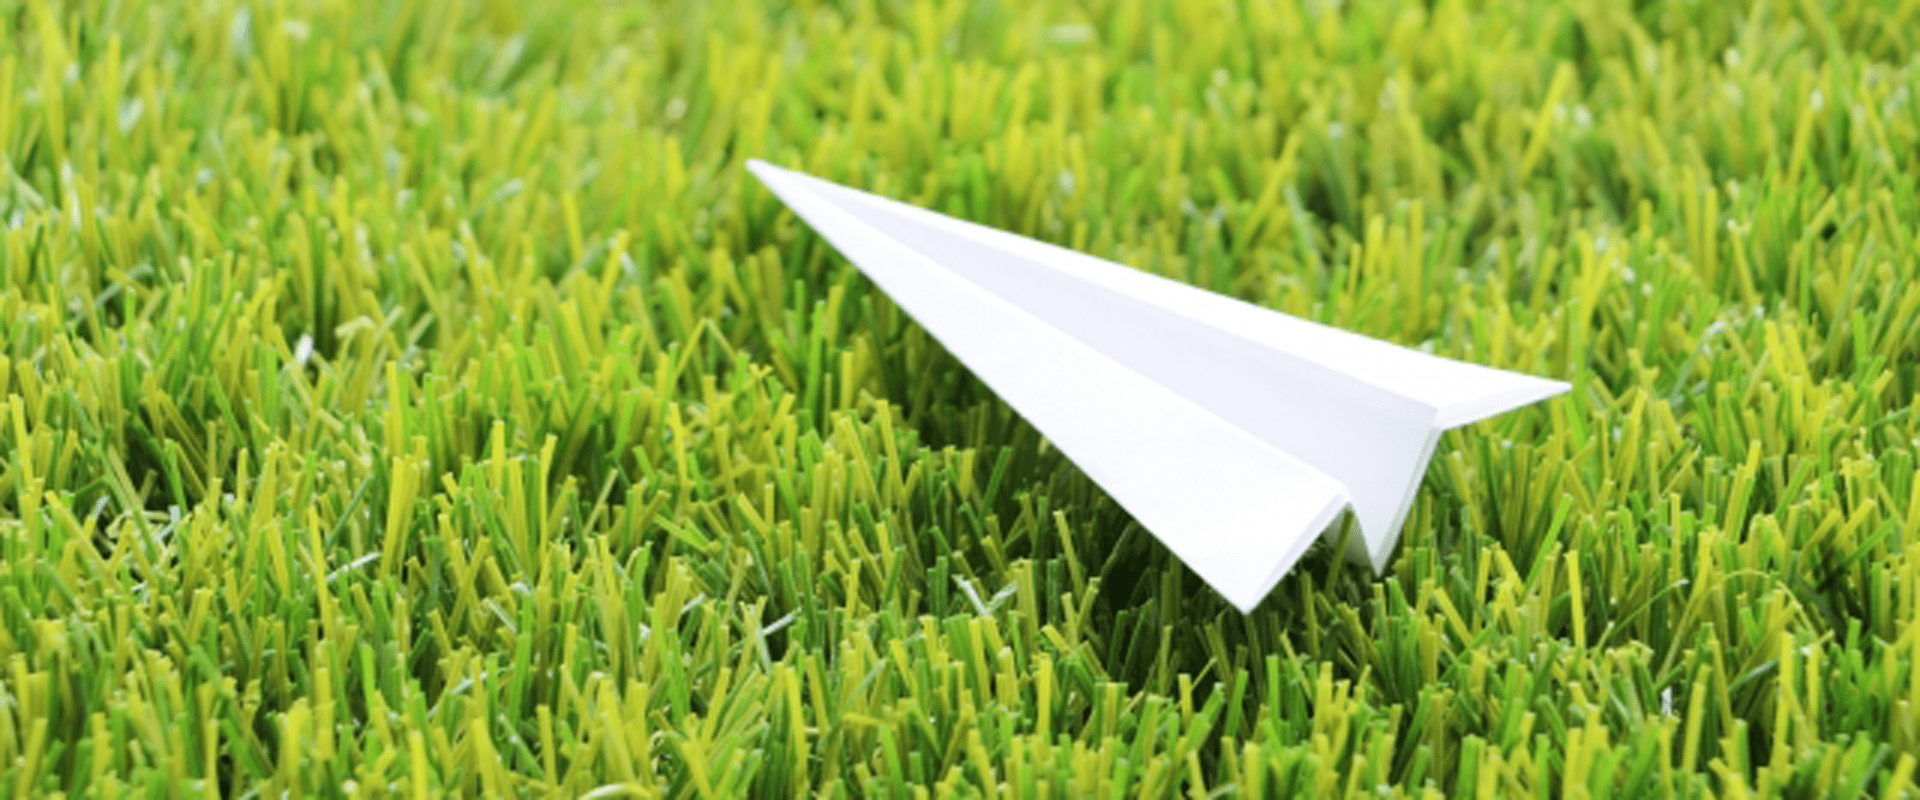 芝生に紙飛行機を置いている